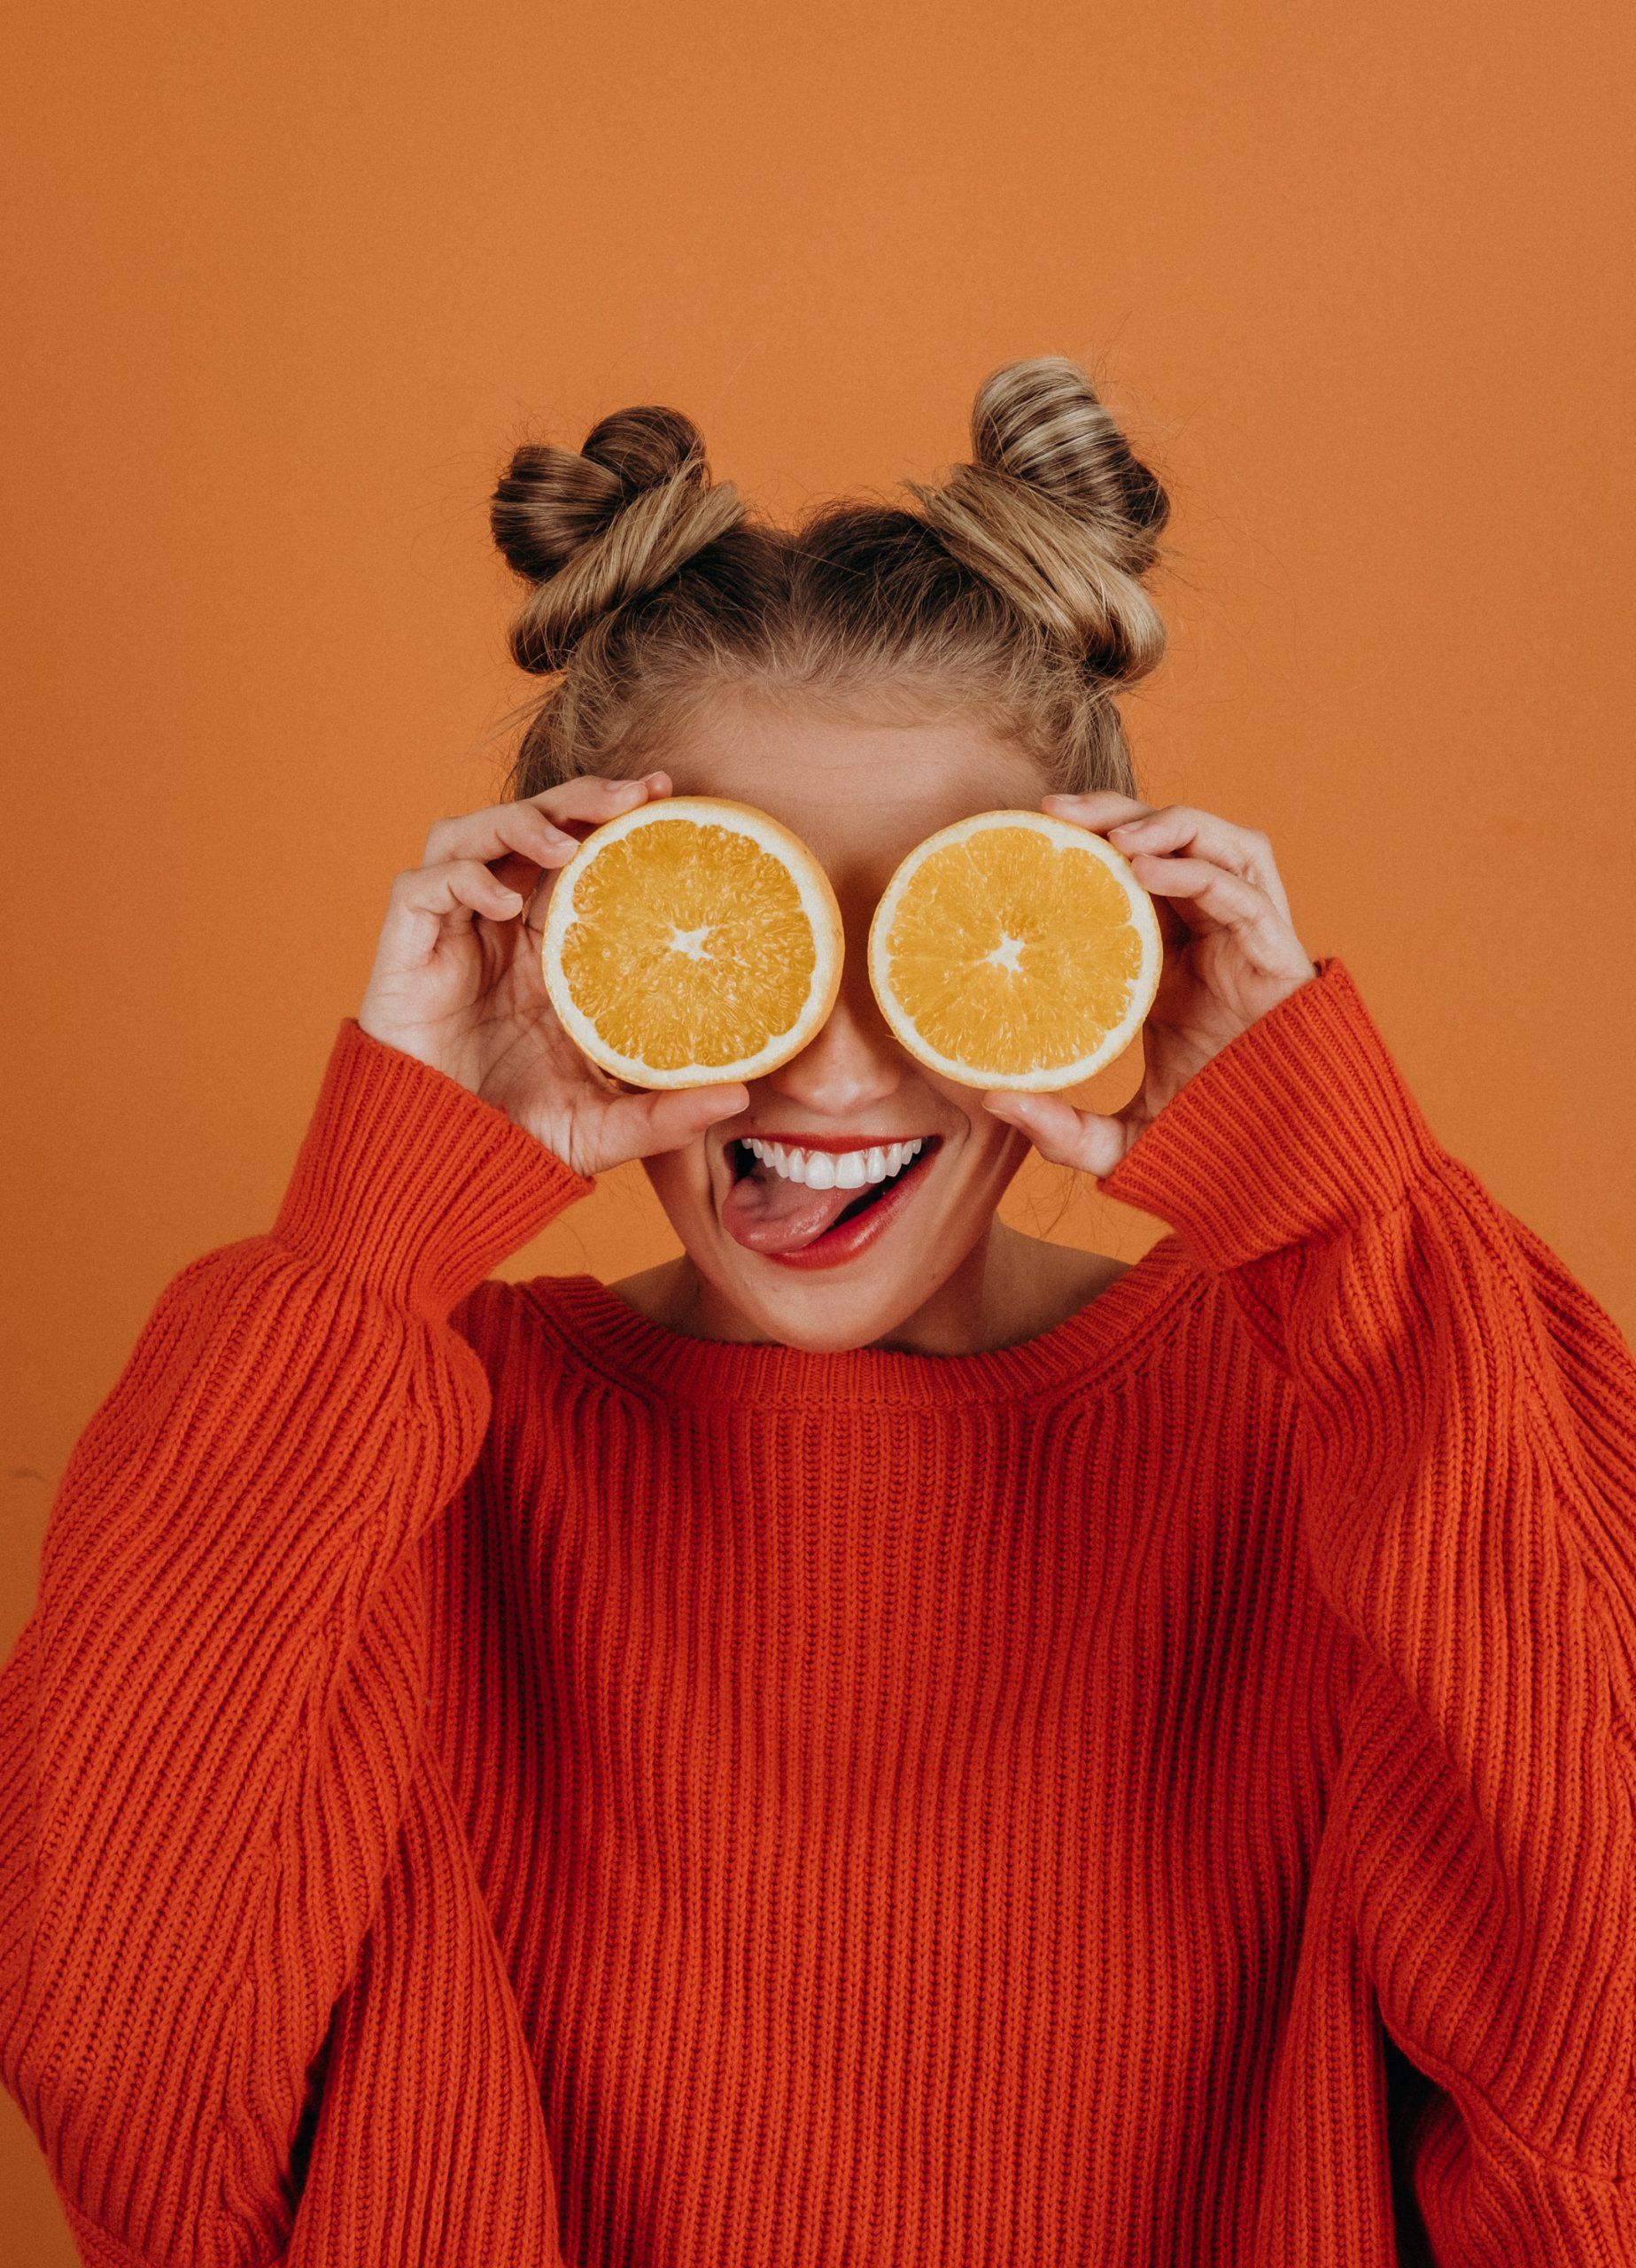 girl with lemons